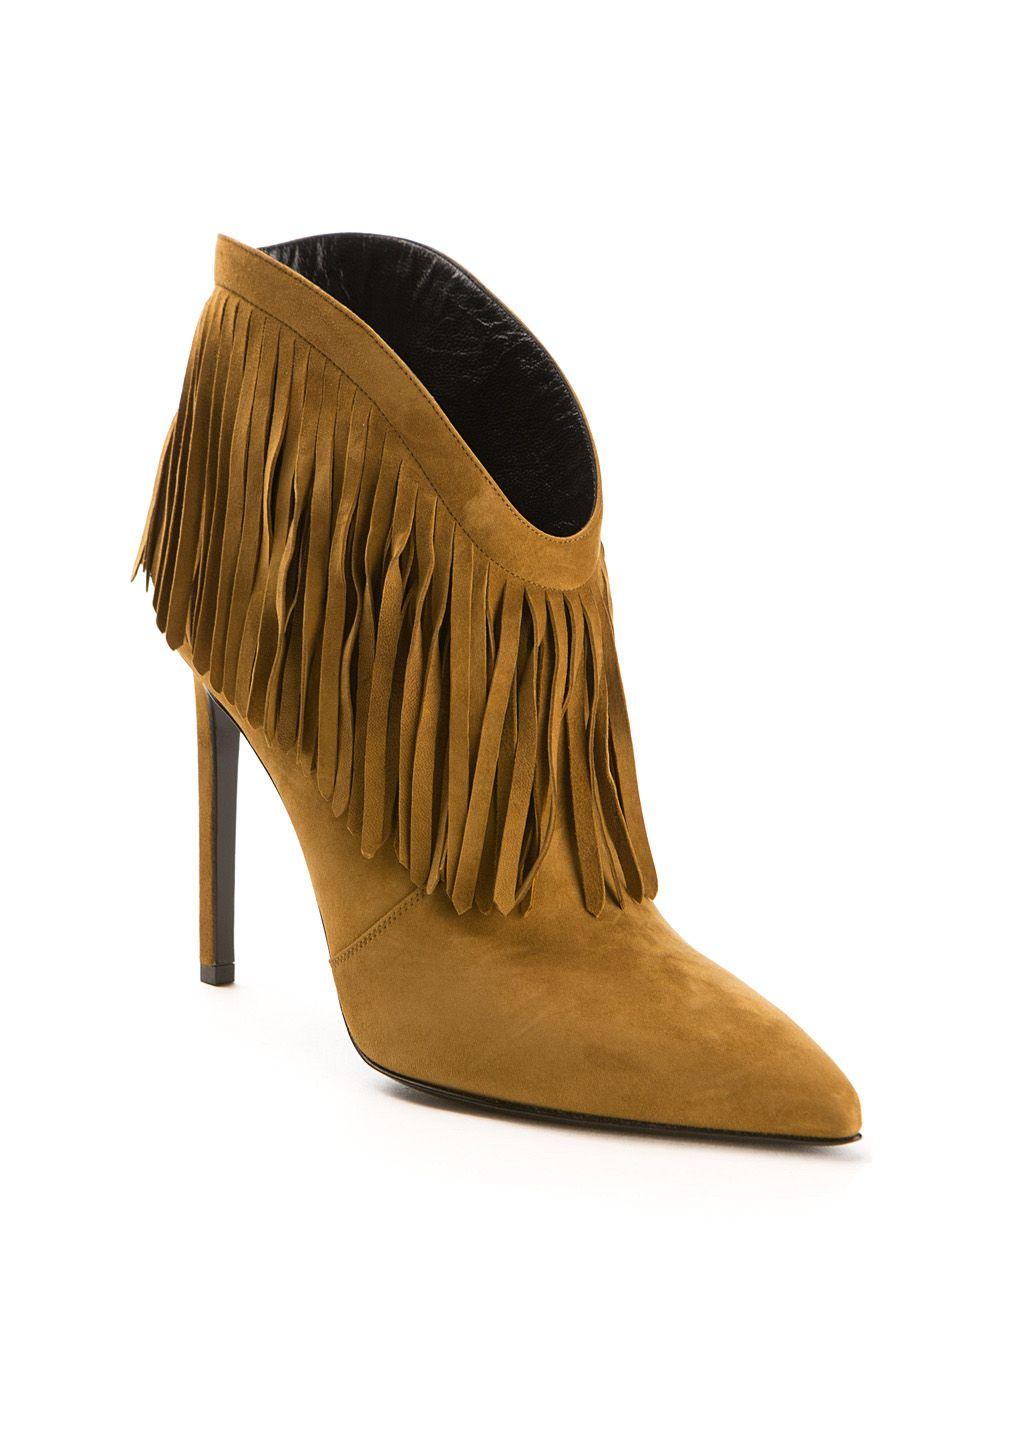 Saint Laurent Ankle boots :: Saint Laurent beige suede fringed Paris ankle boots | Montaigne Market